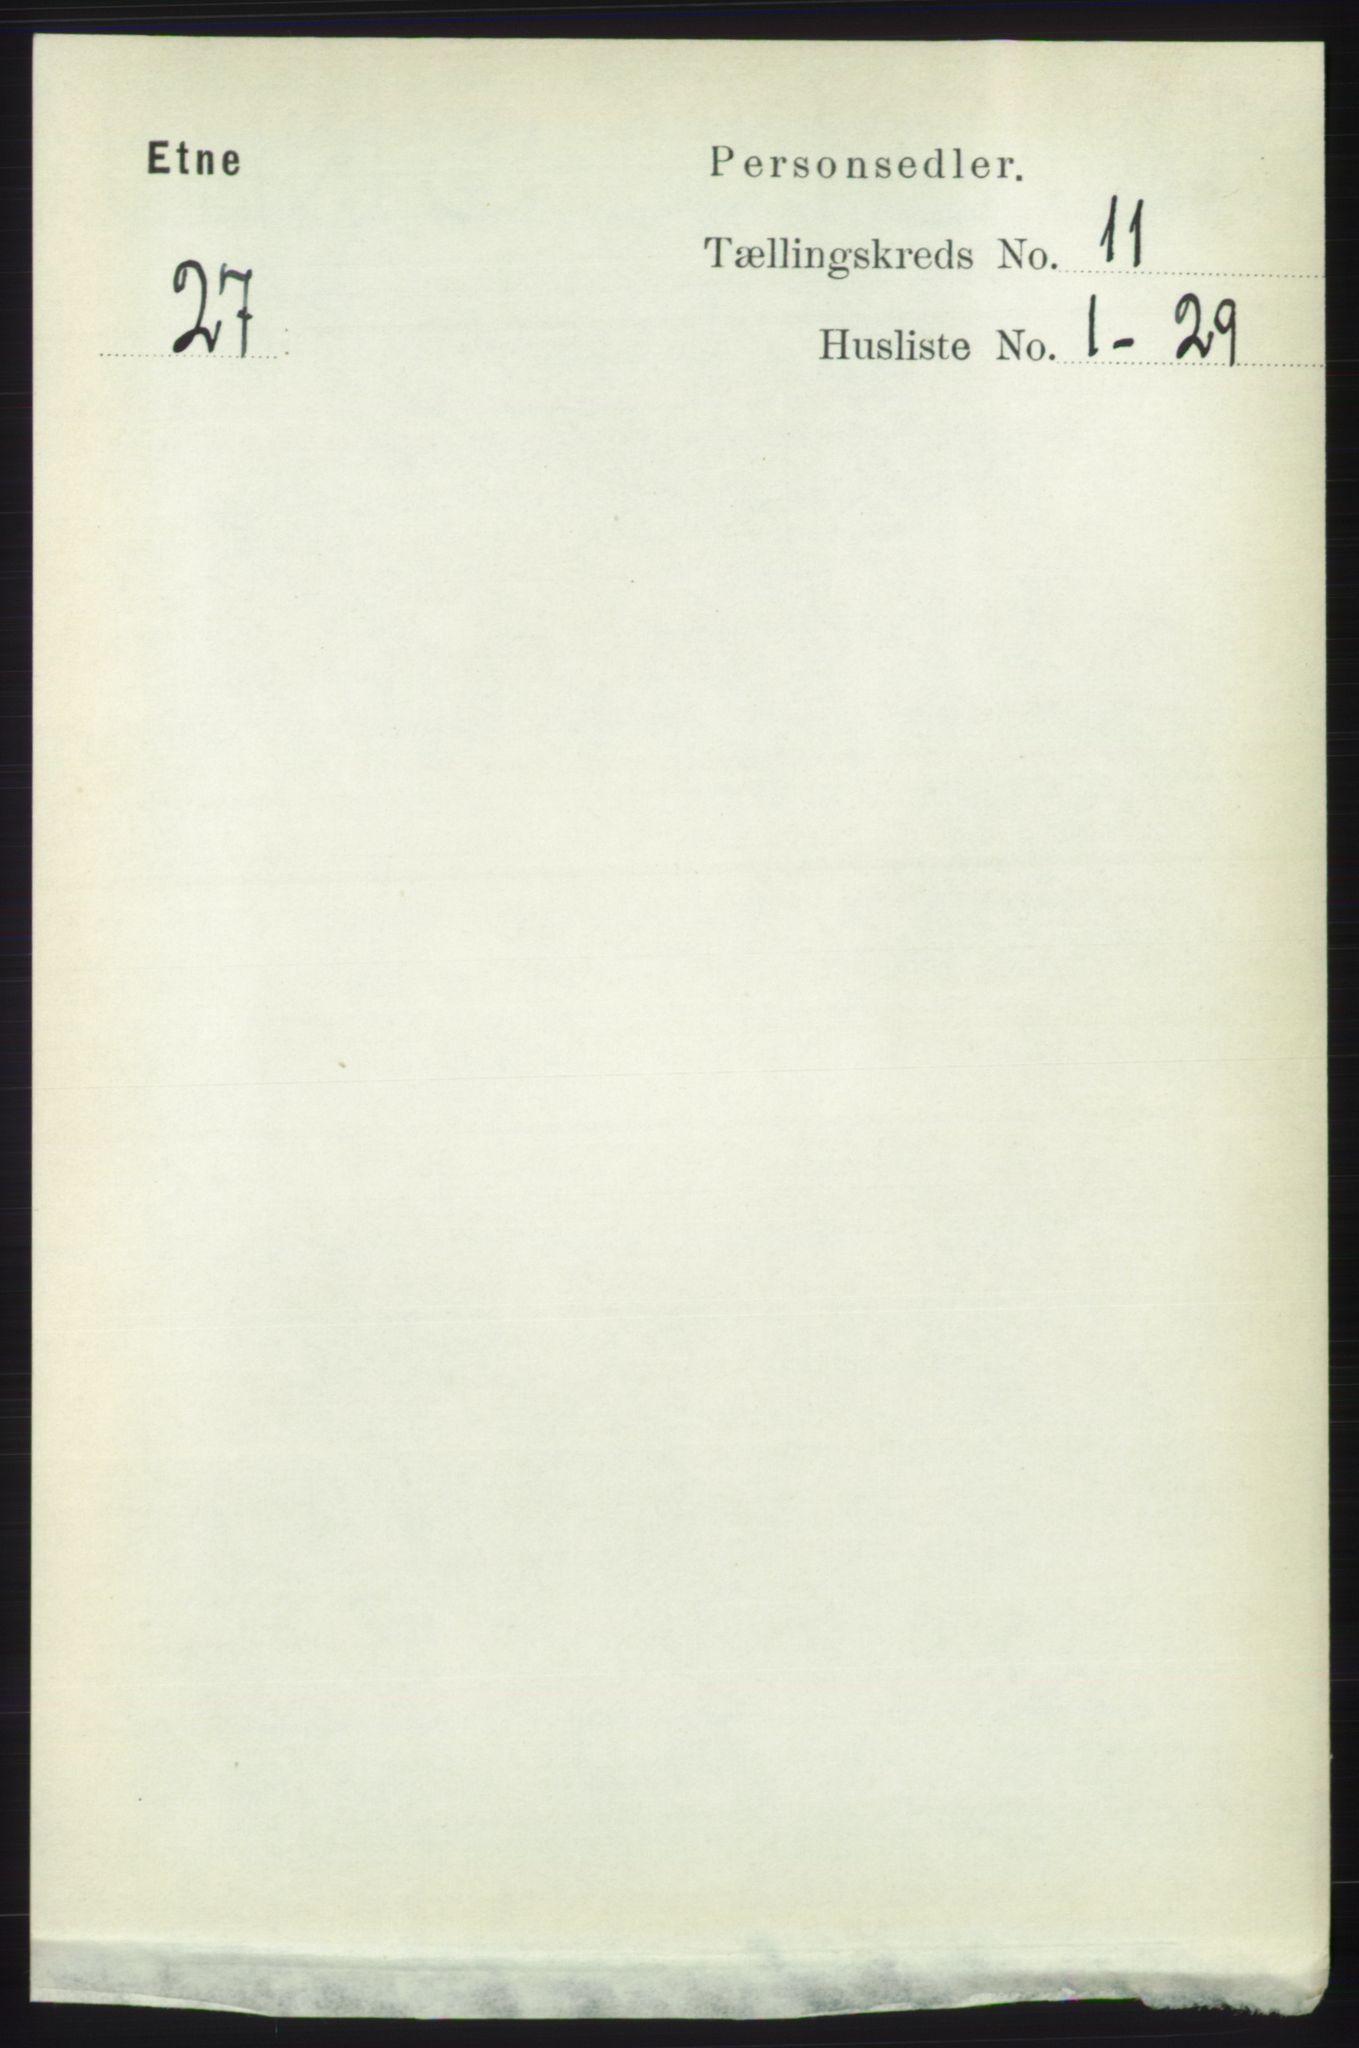 RA, Folketelling 1891 for 1211 Etne herred, 1891, s. 2262